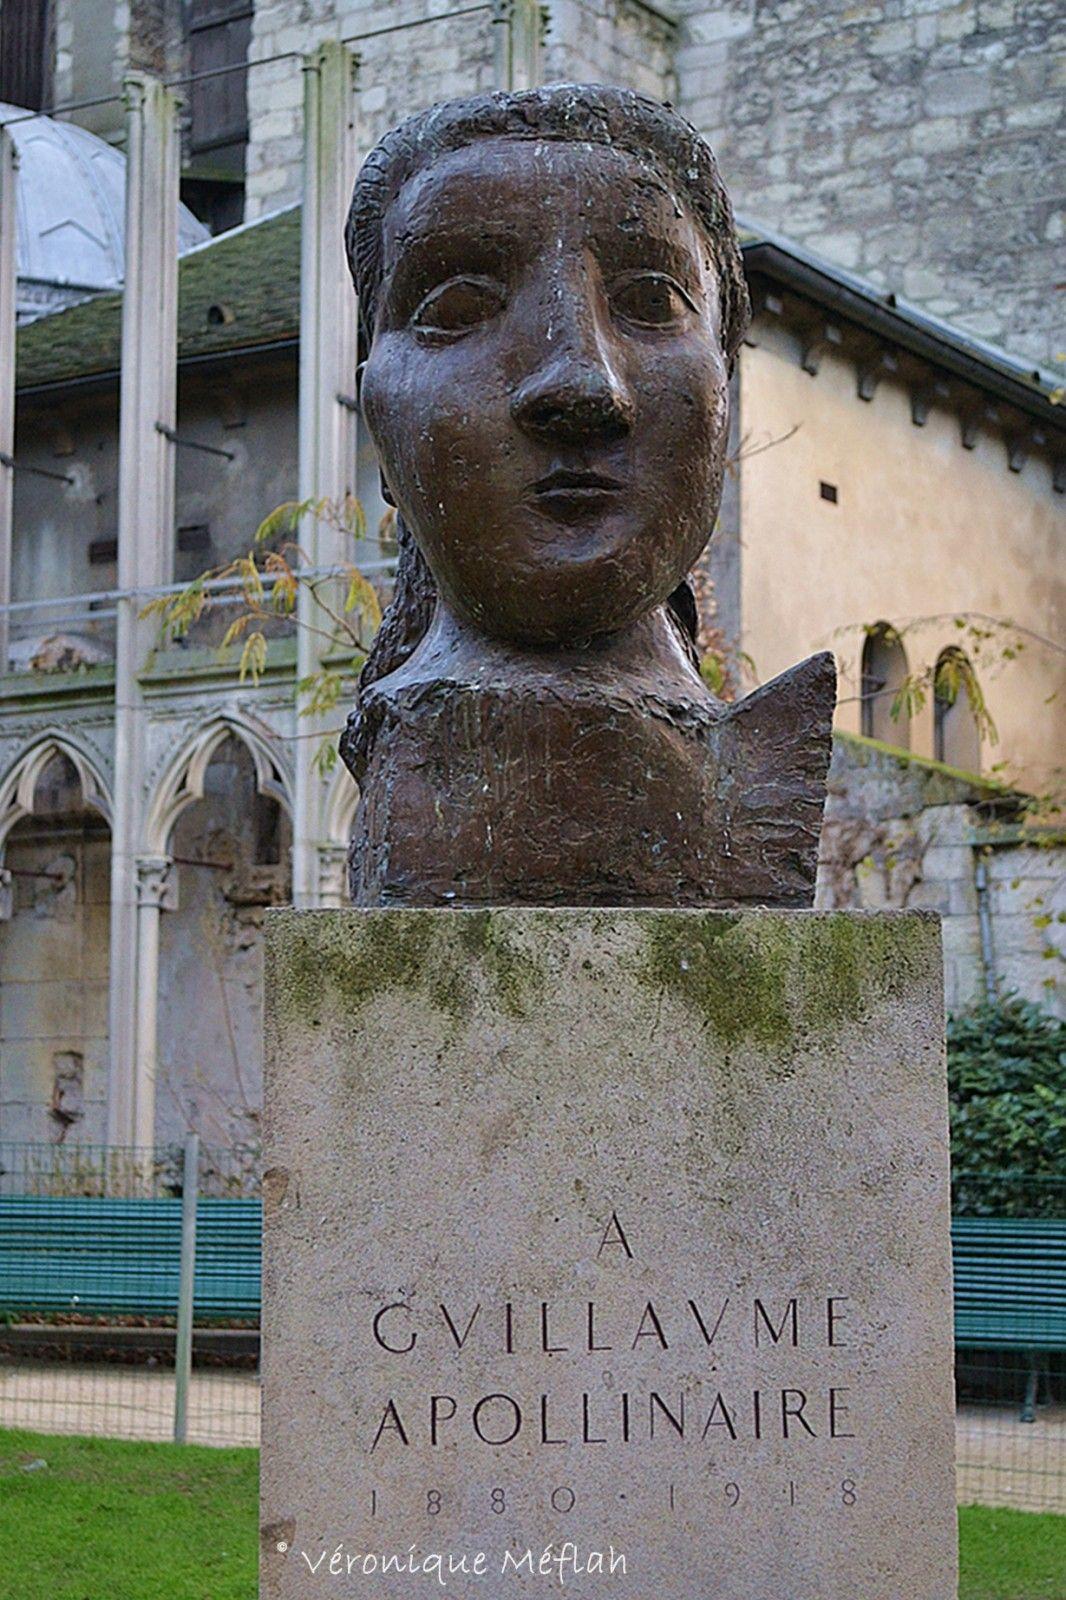 Saint Germain Des Pres Square Laurent Prache Monument A Guillaume Apollinaire Le Blog De Tititeparisienne Guillaume Apollinaire Monument Saint Germain